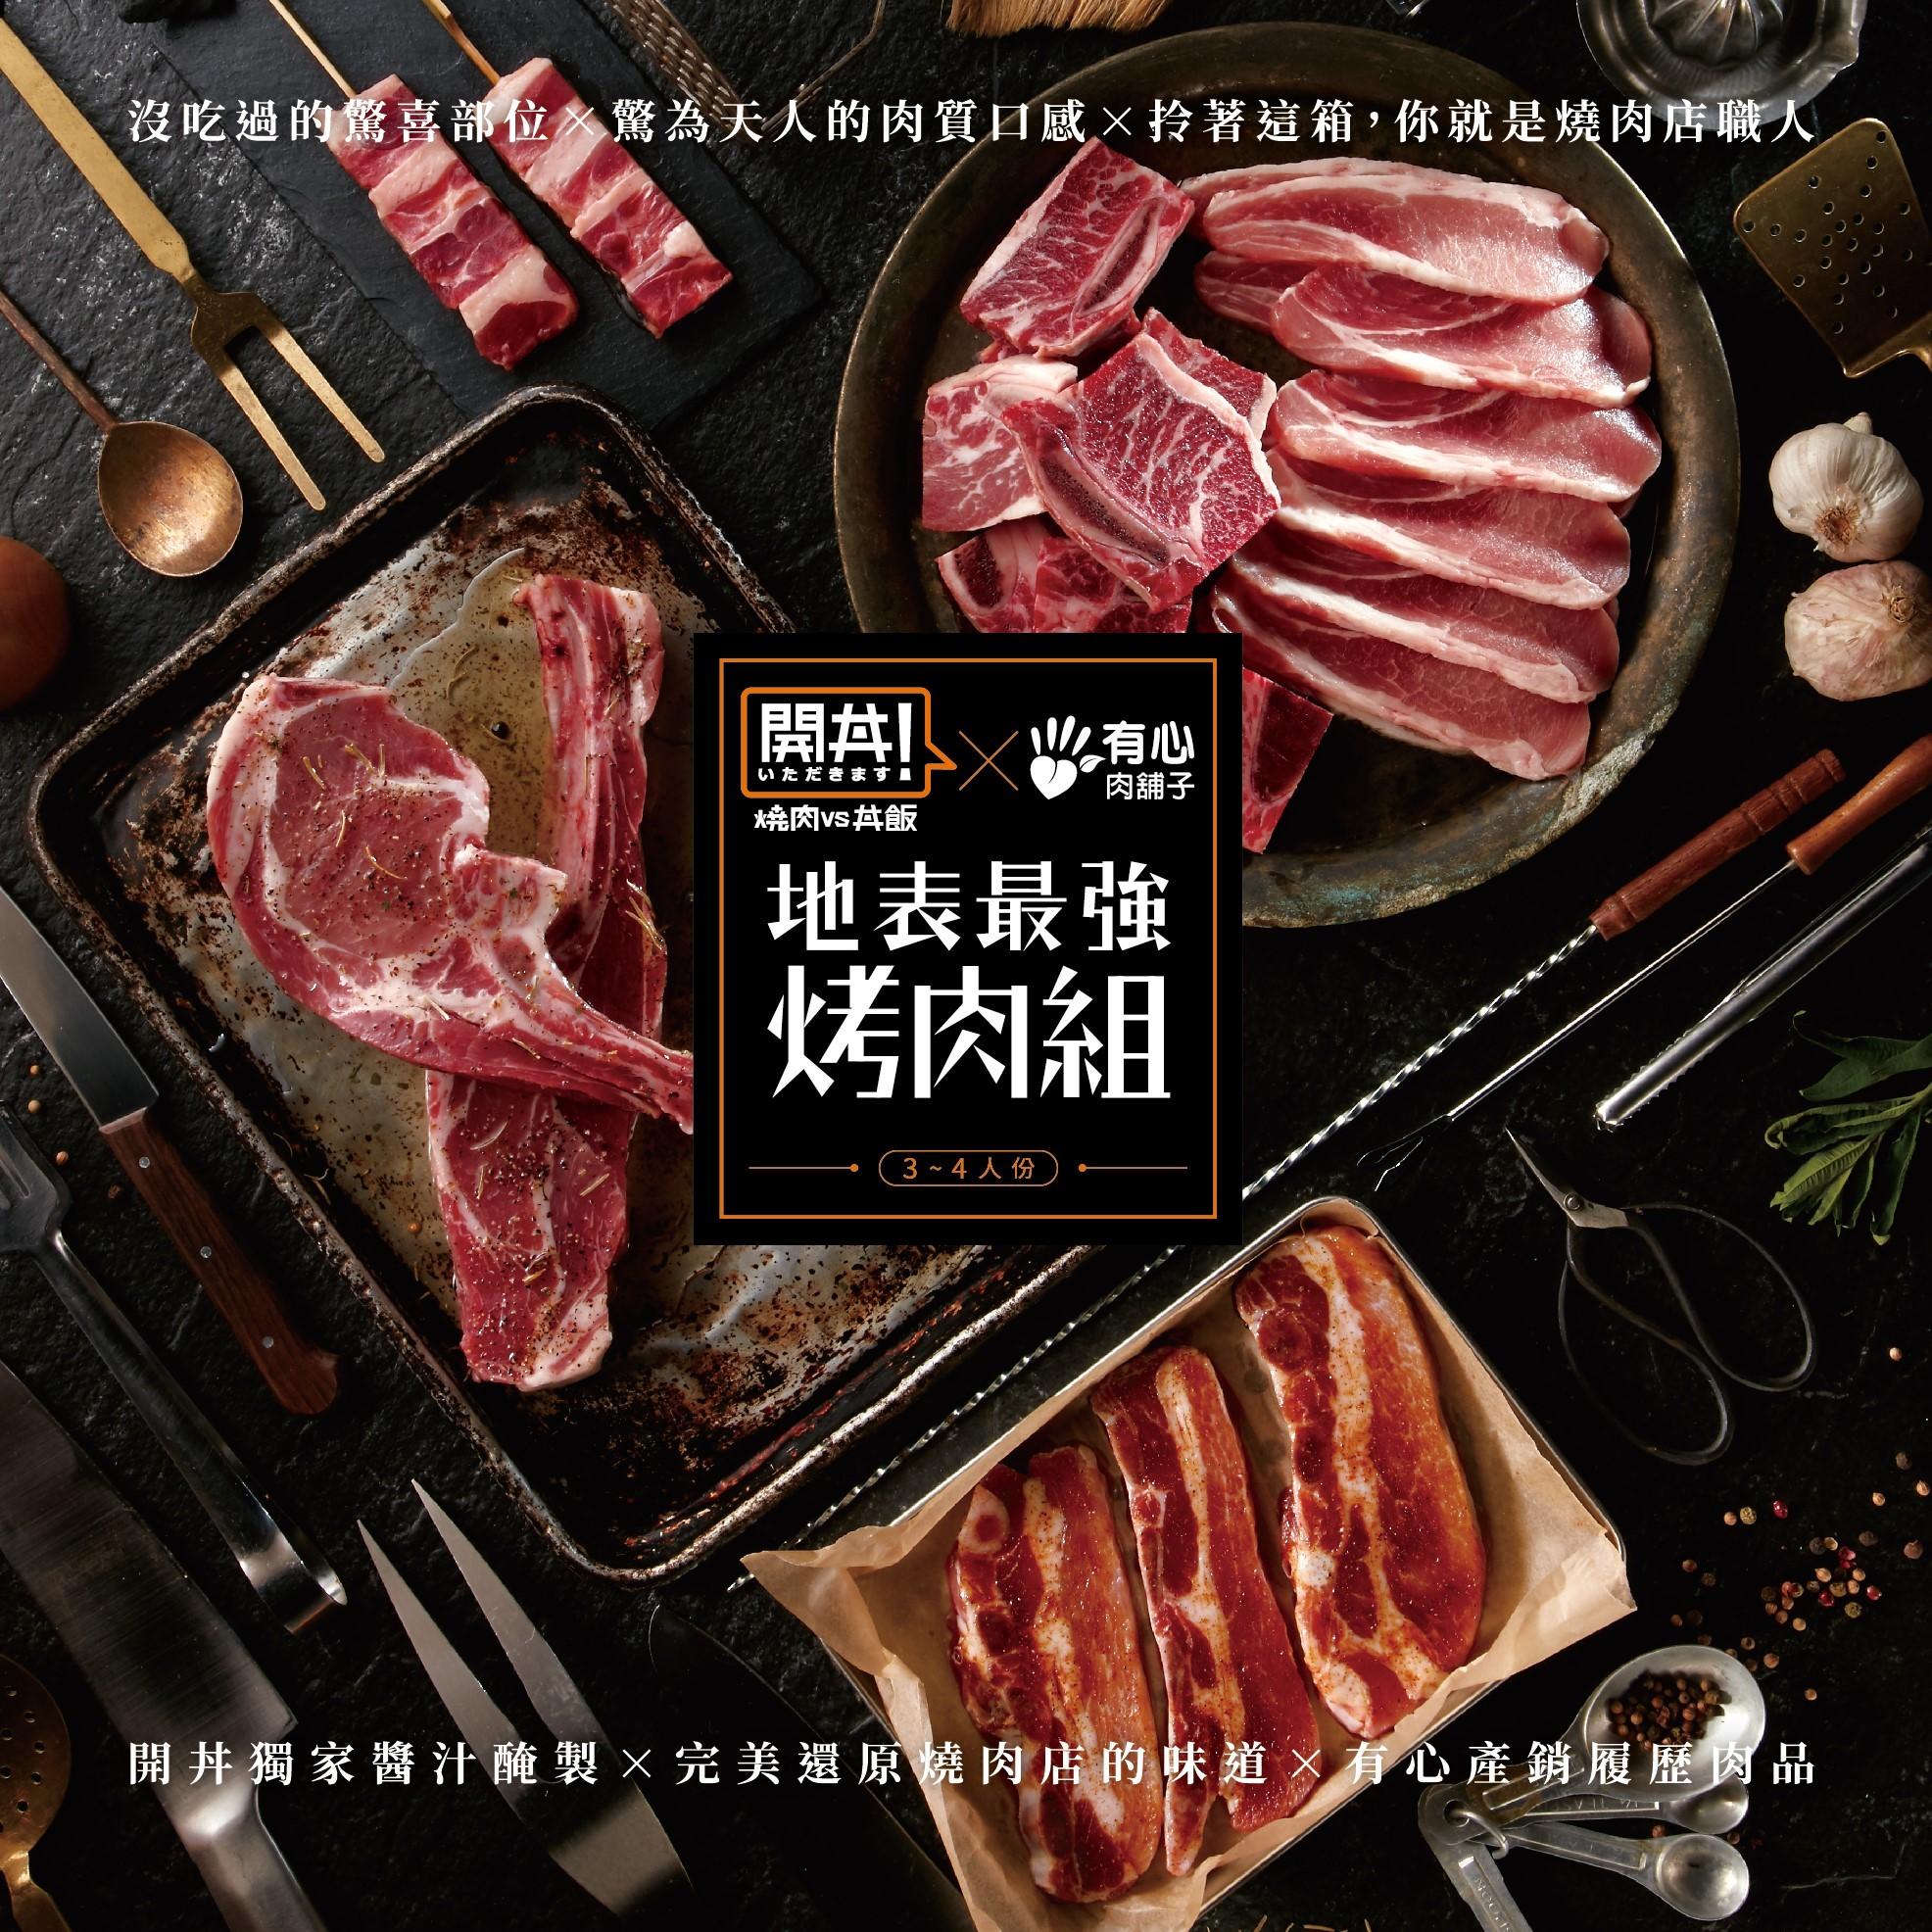 開丼x有心-地表最強烤肉箱(小)